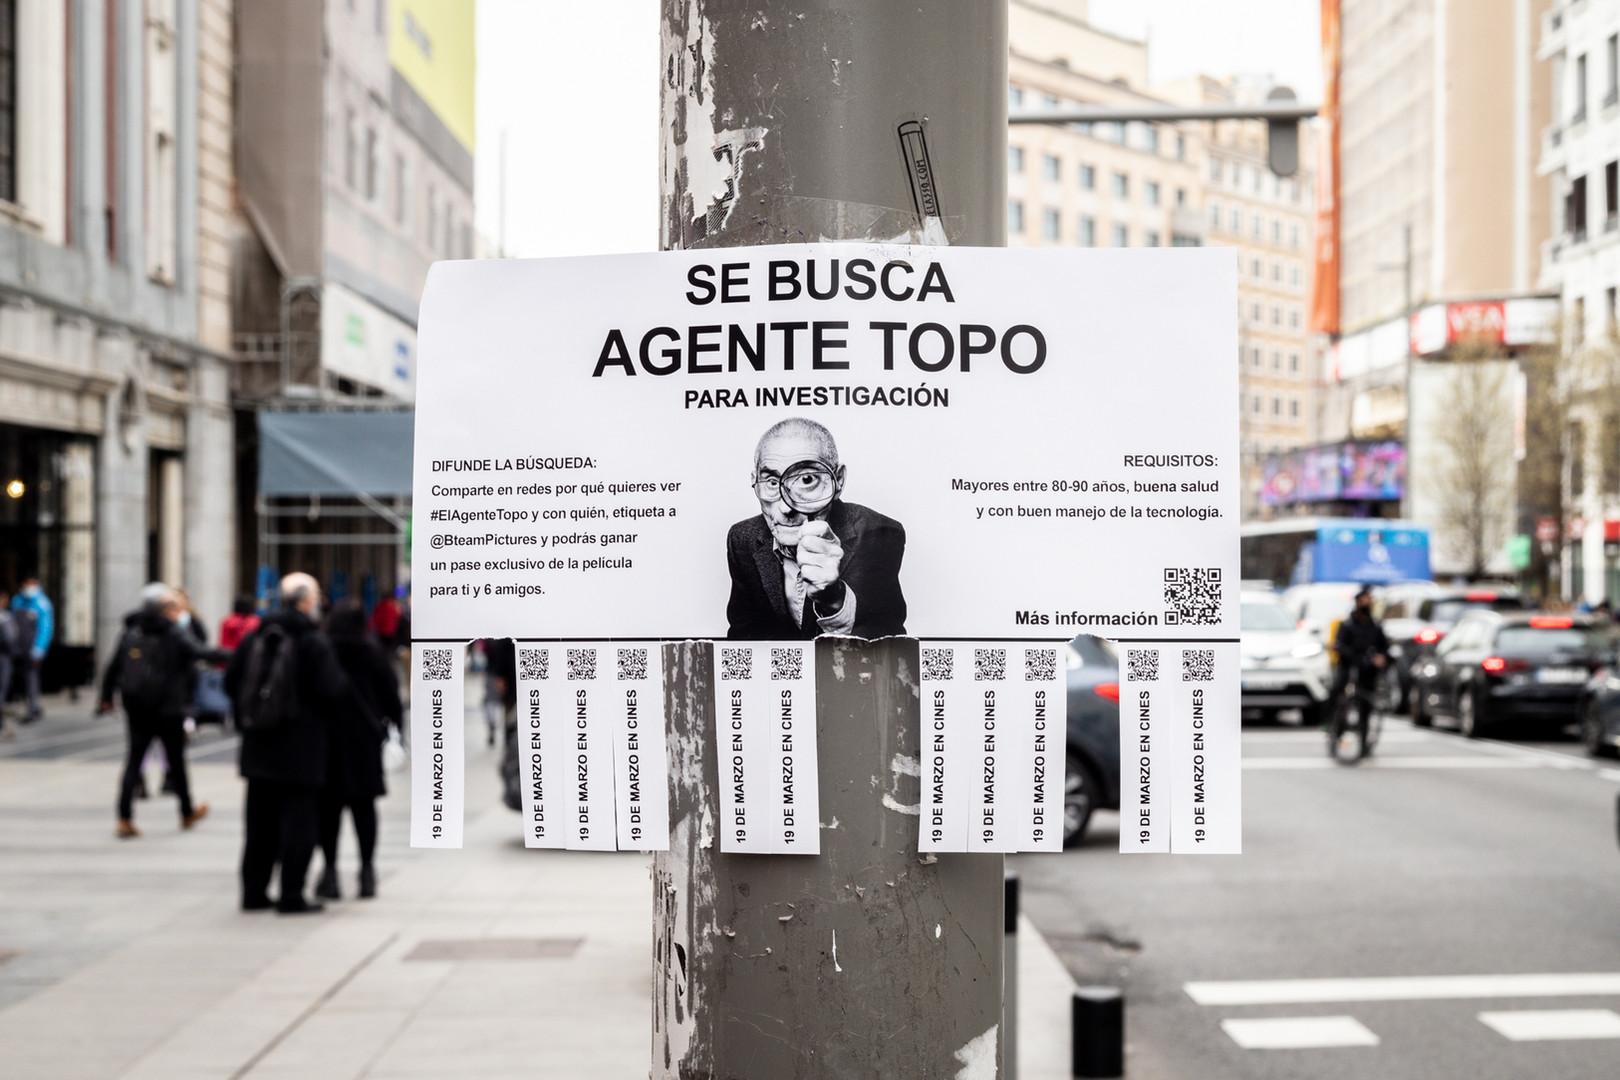 El Agente Topo_Carrusel.jpg